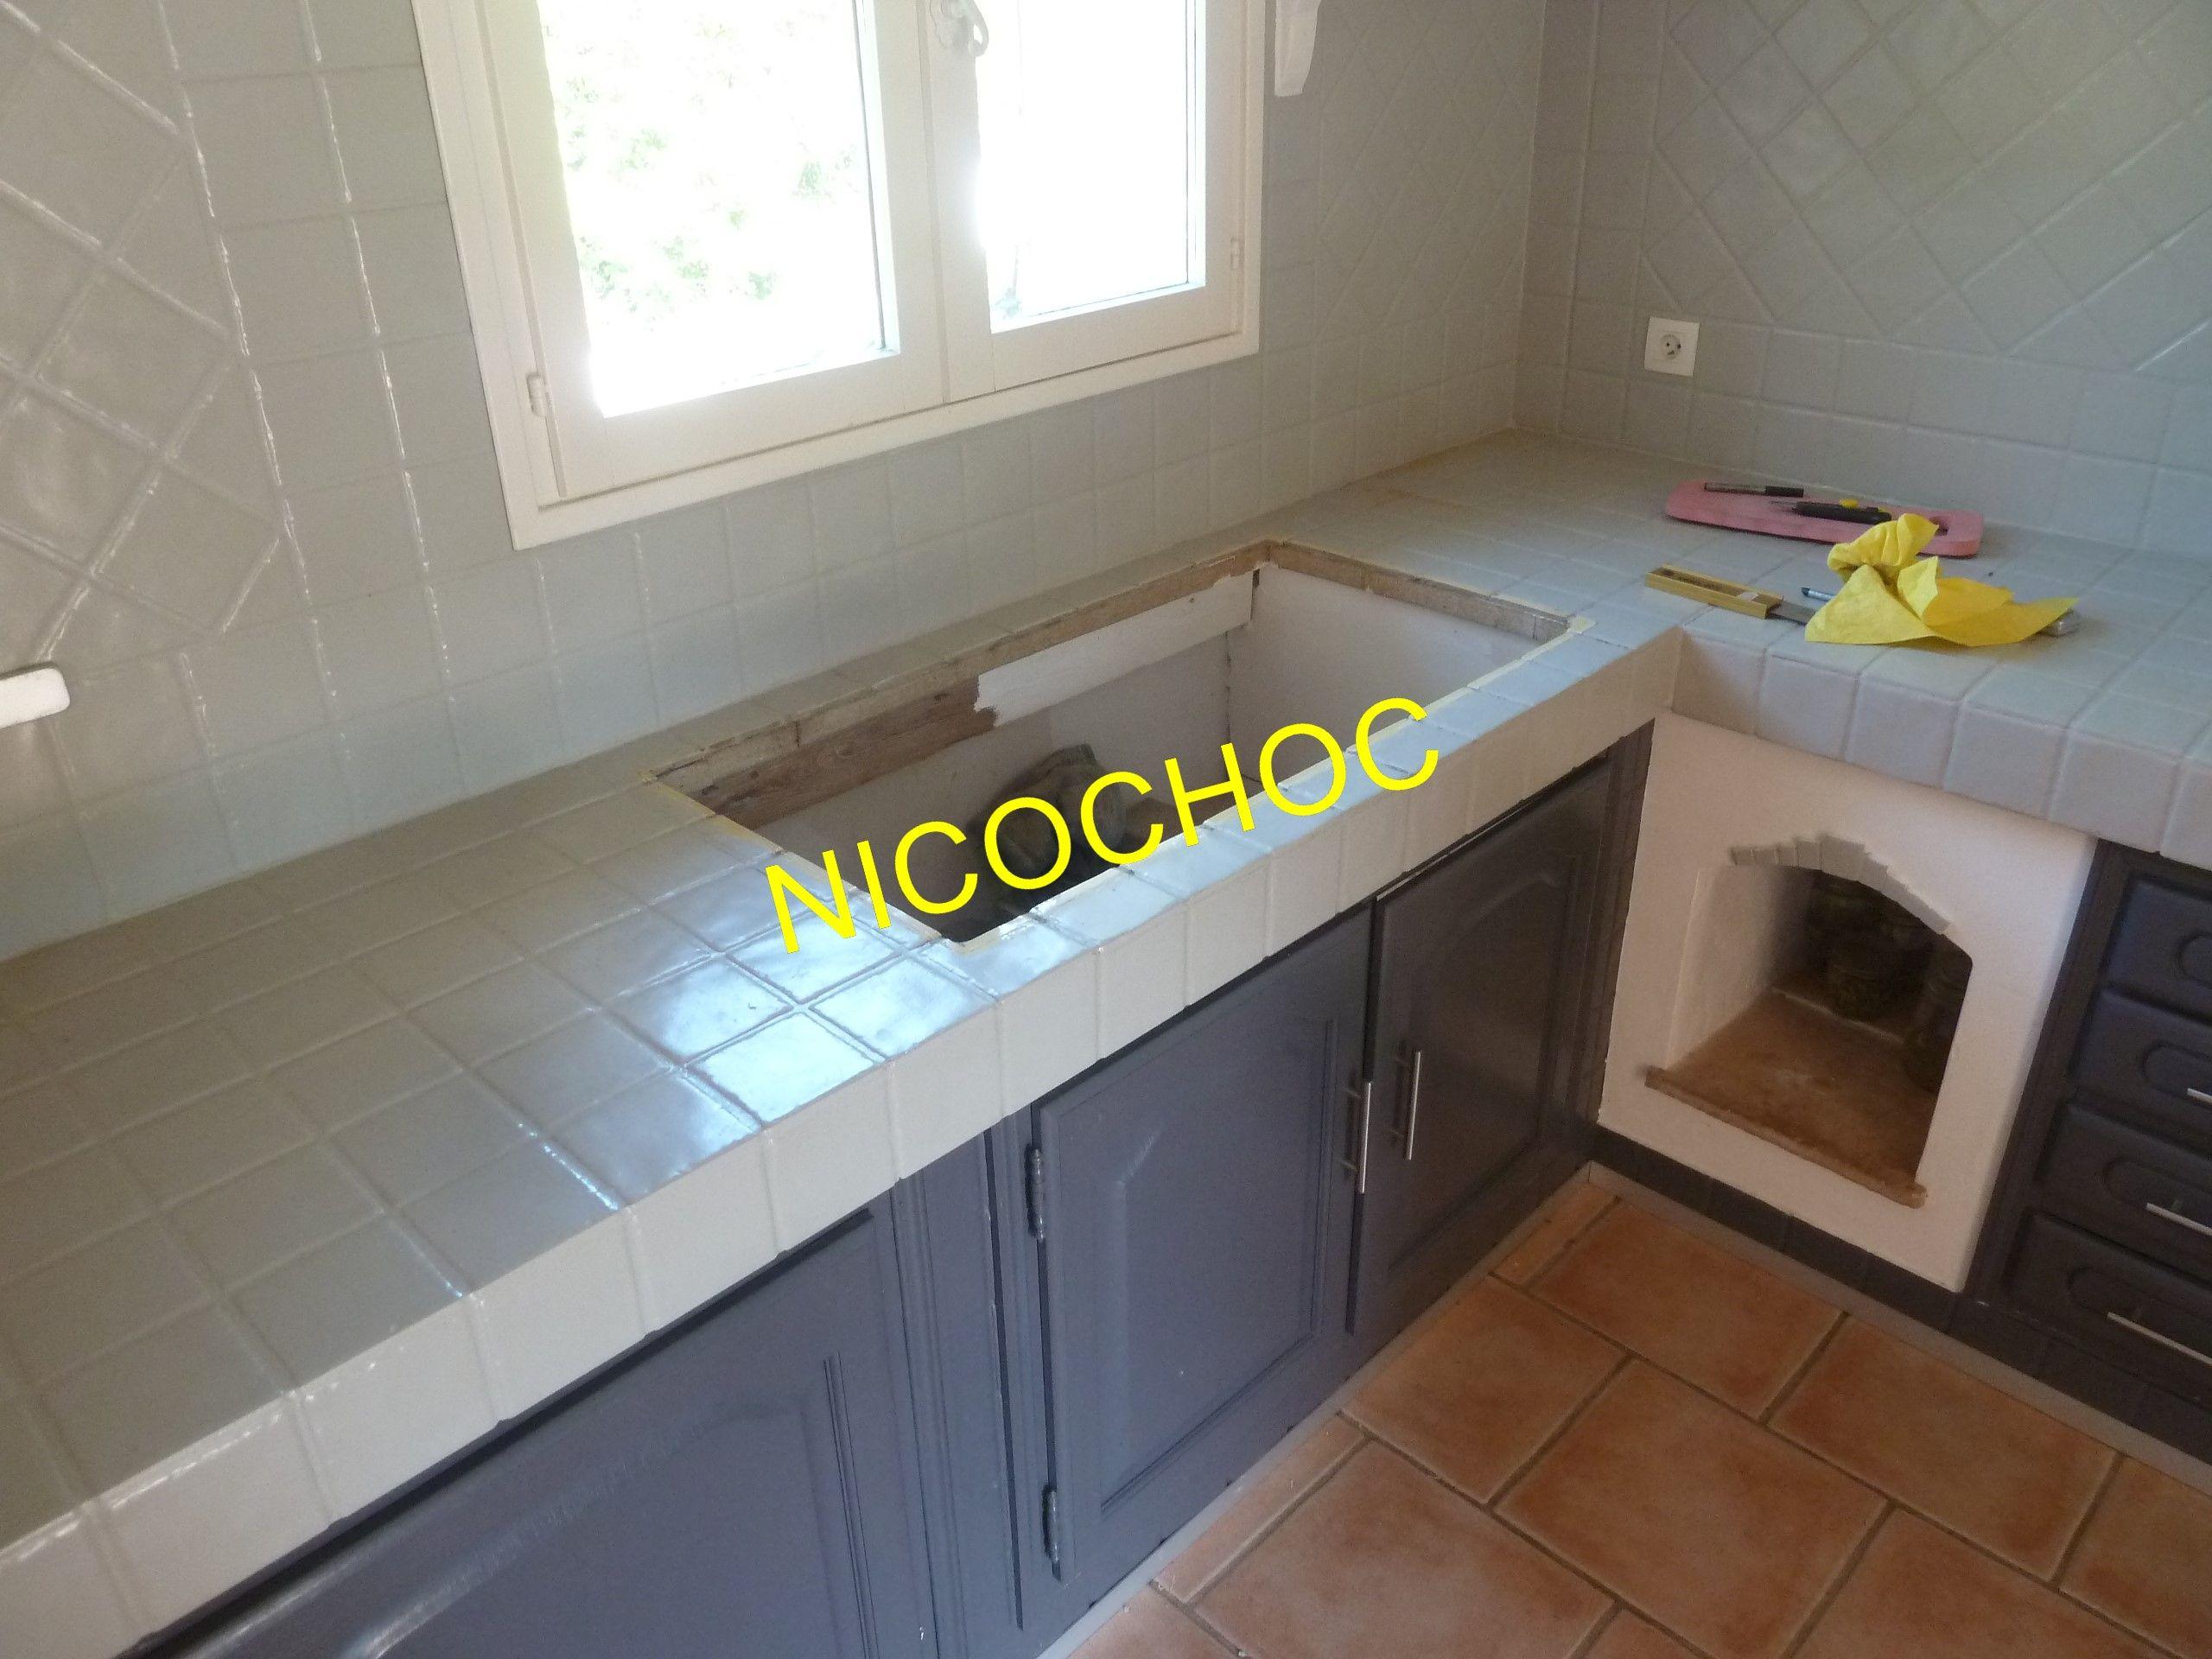 Ancien Plan De Travail Carrele Detail Evier Deco Maison Plan De Travail Maison